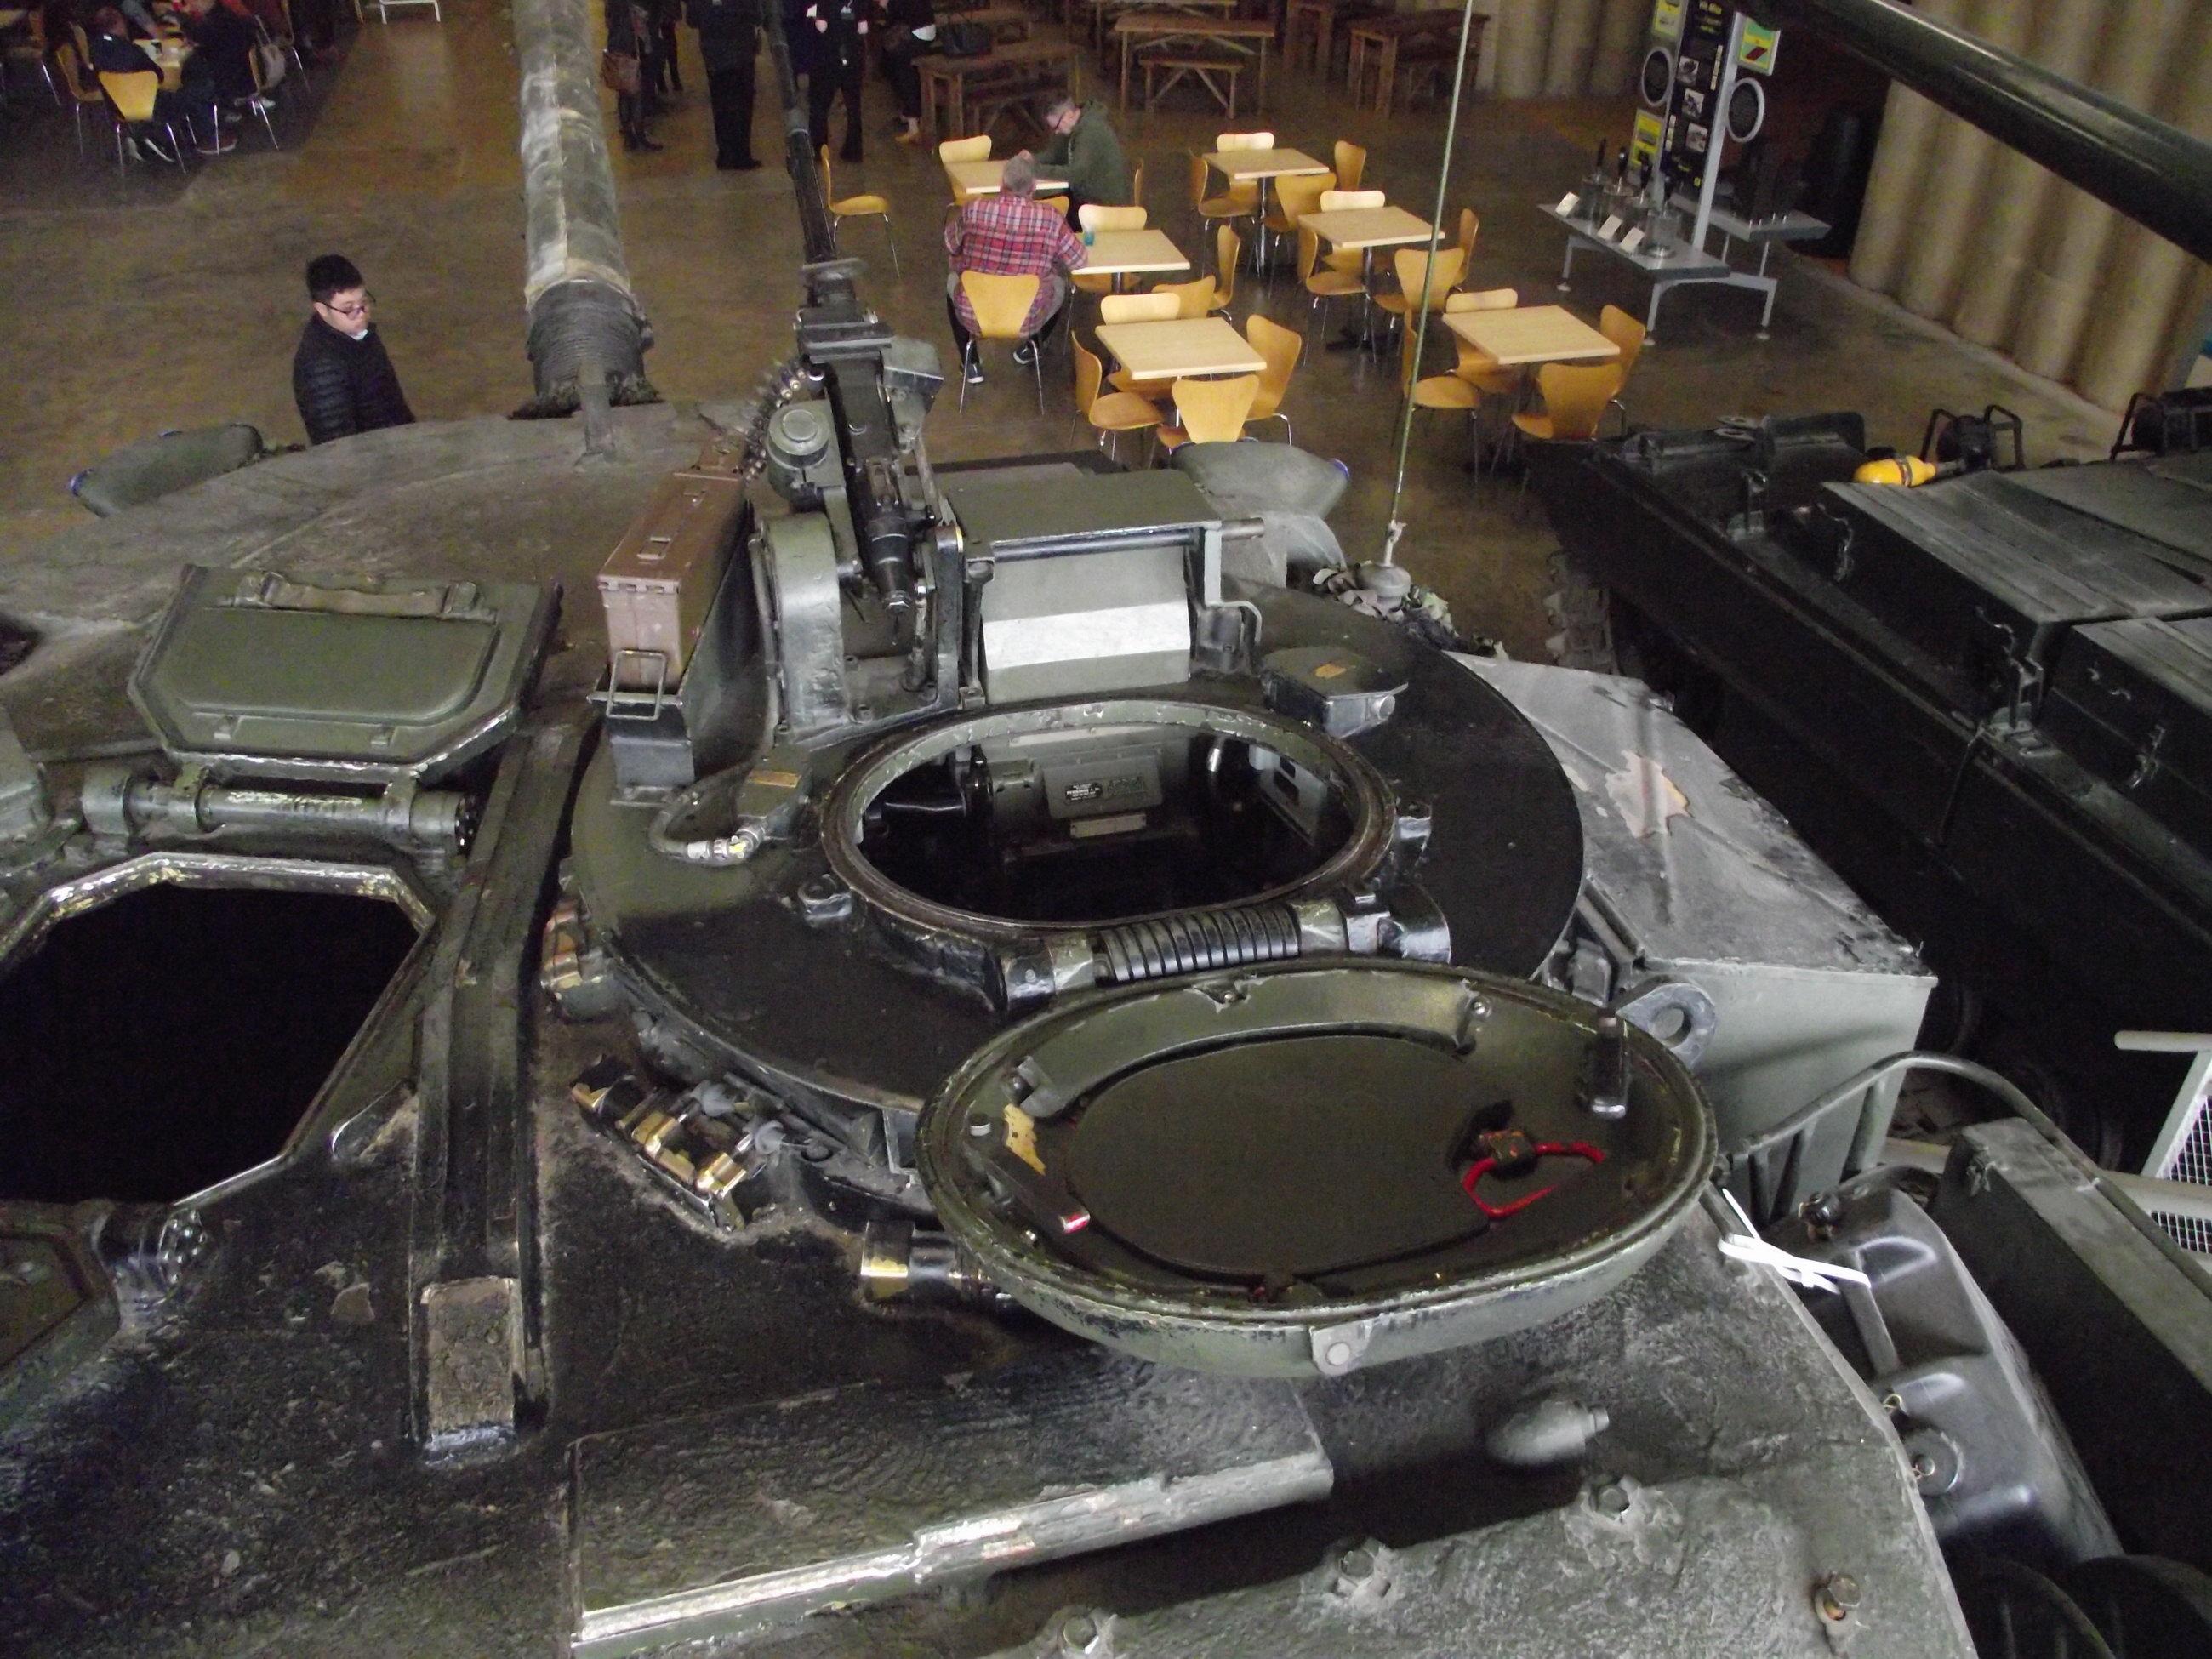 Tank_Museum_20180919_003.jpg